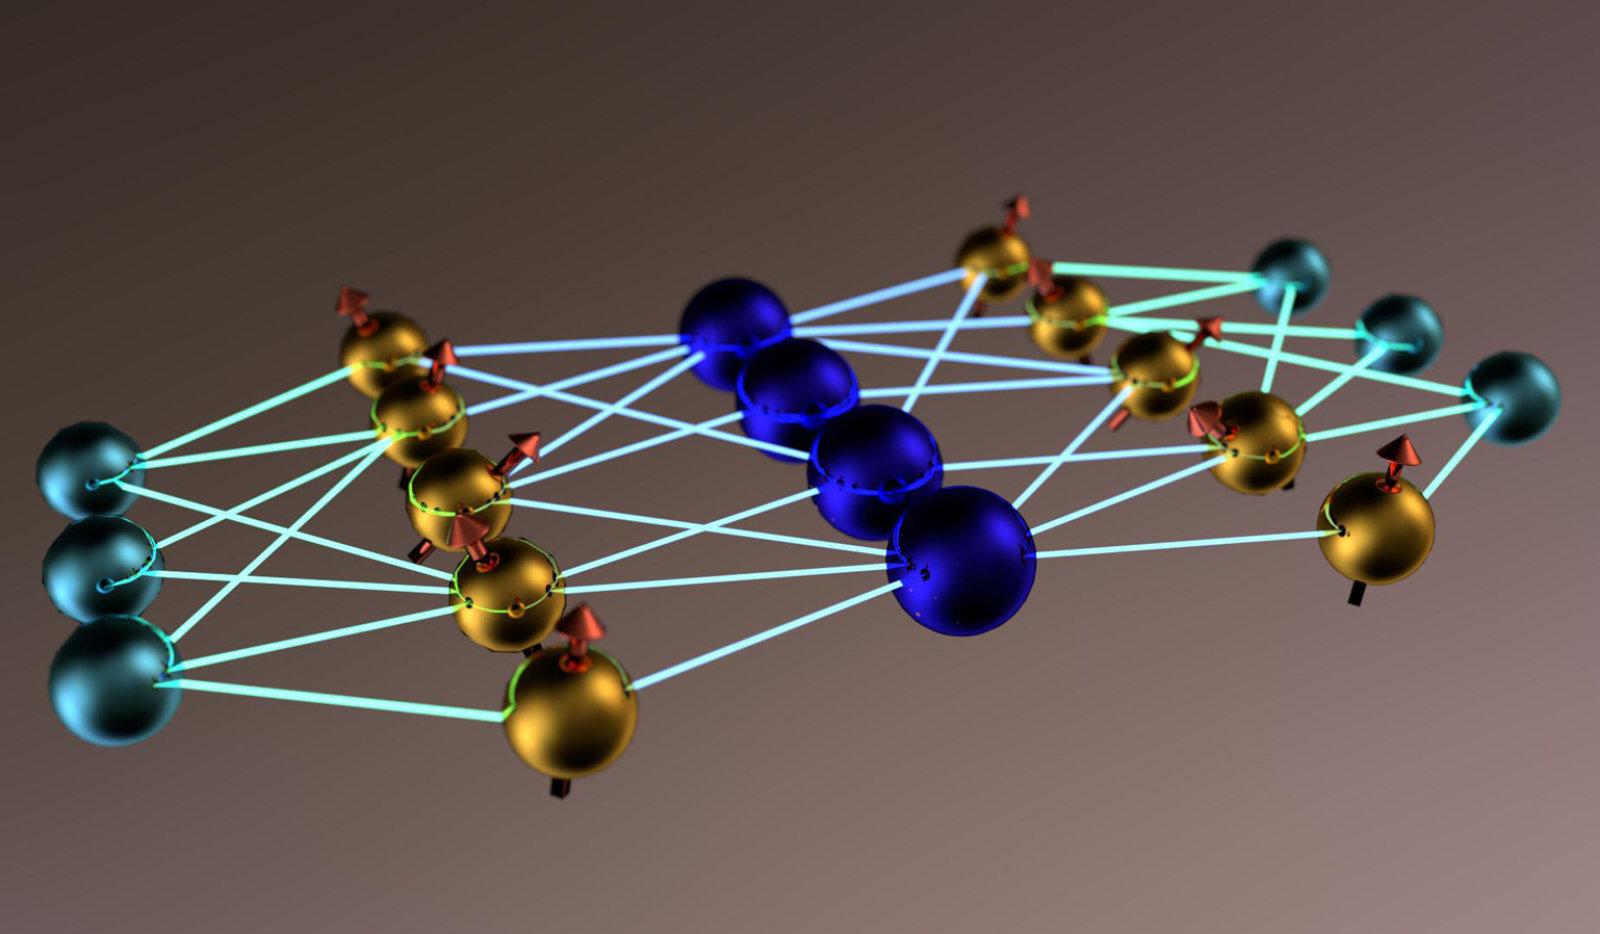 روکیدا - شبیهسازی سیستمهای کوانتومی بدون نیاز به محاسبات سنگین توسط هوش مصنوعی! - رایانش ابری, رمزنگاری, فناوری, فیزیک, هوش مصنوعی